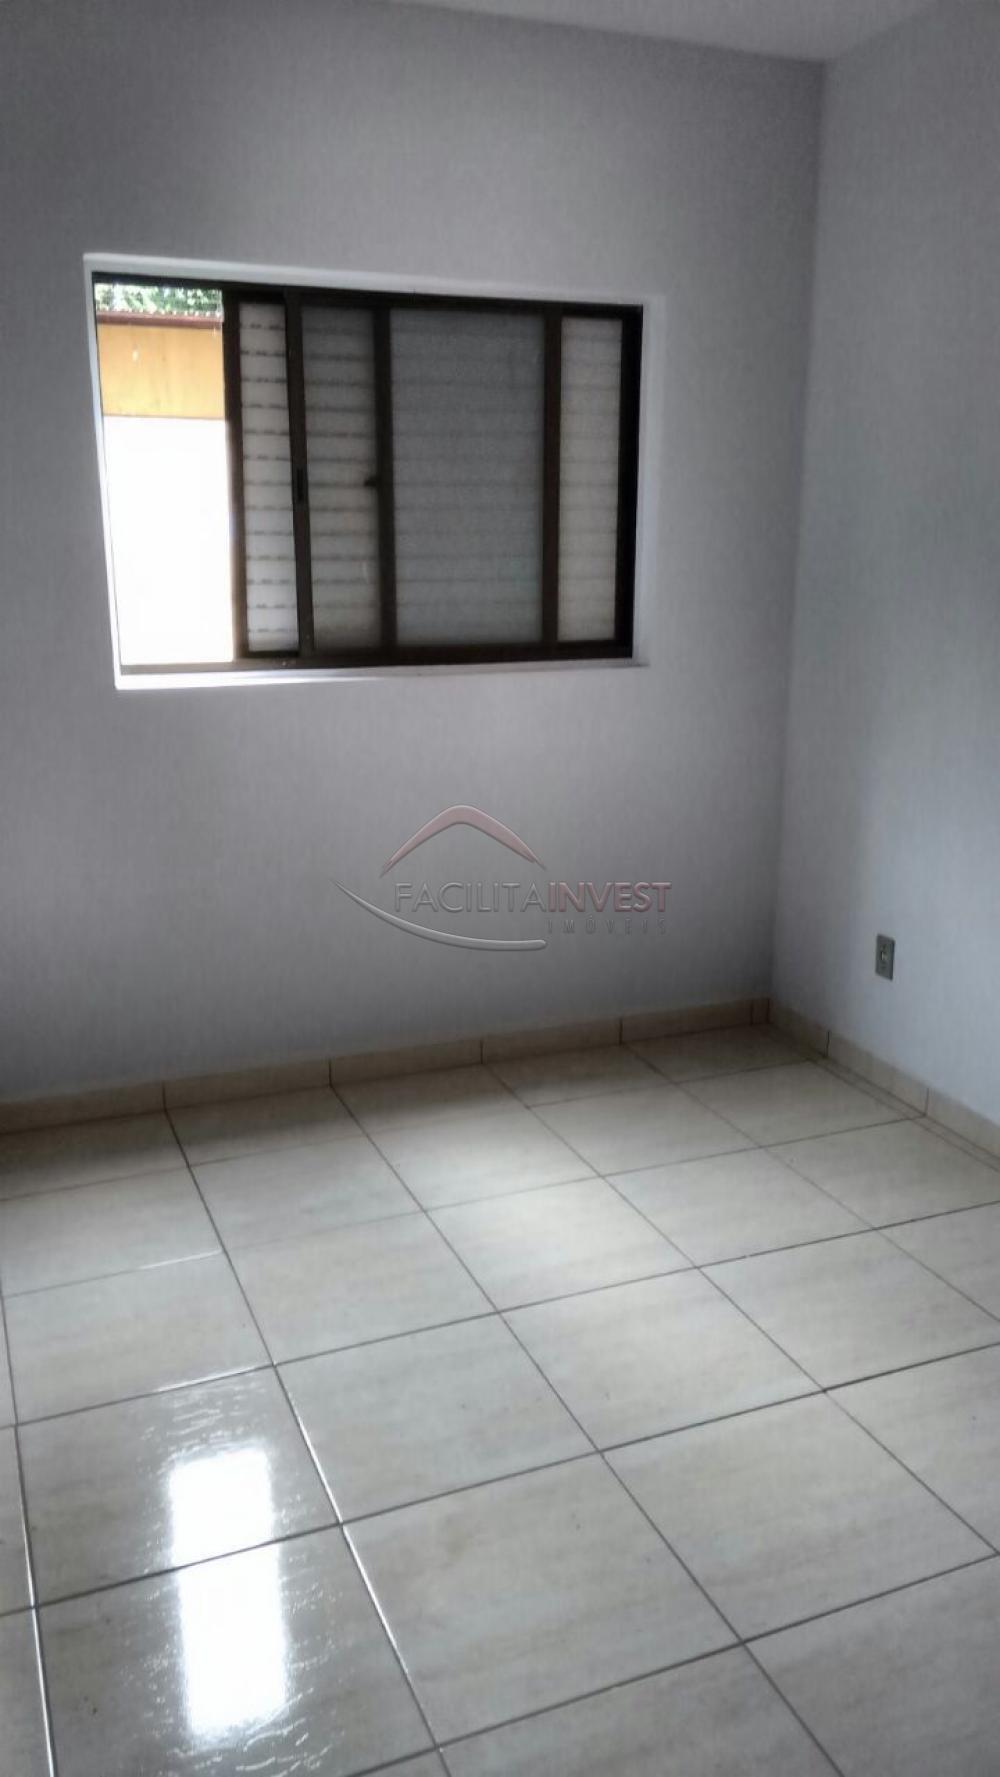 Comprar Apartamentos / Apart. Padrão em Ribeirão Preto apenas R$ 250.000,00 - Foto 3